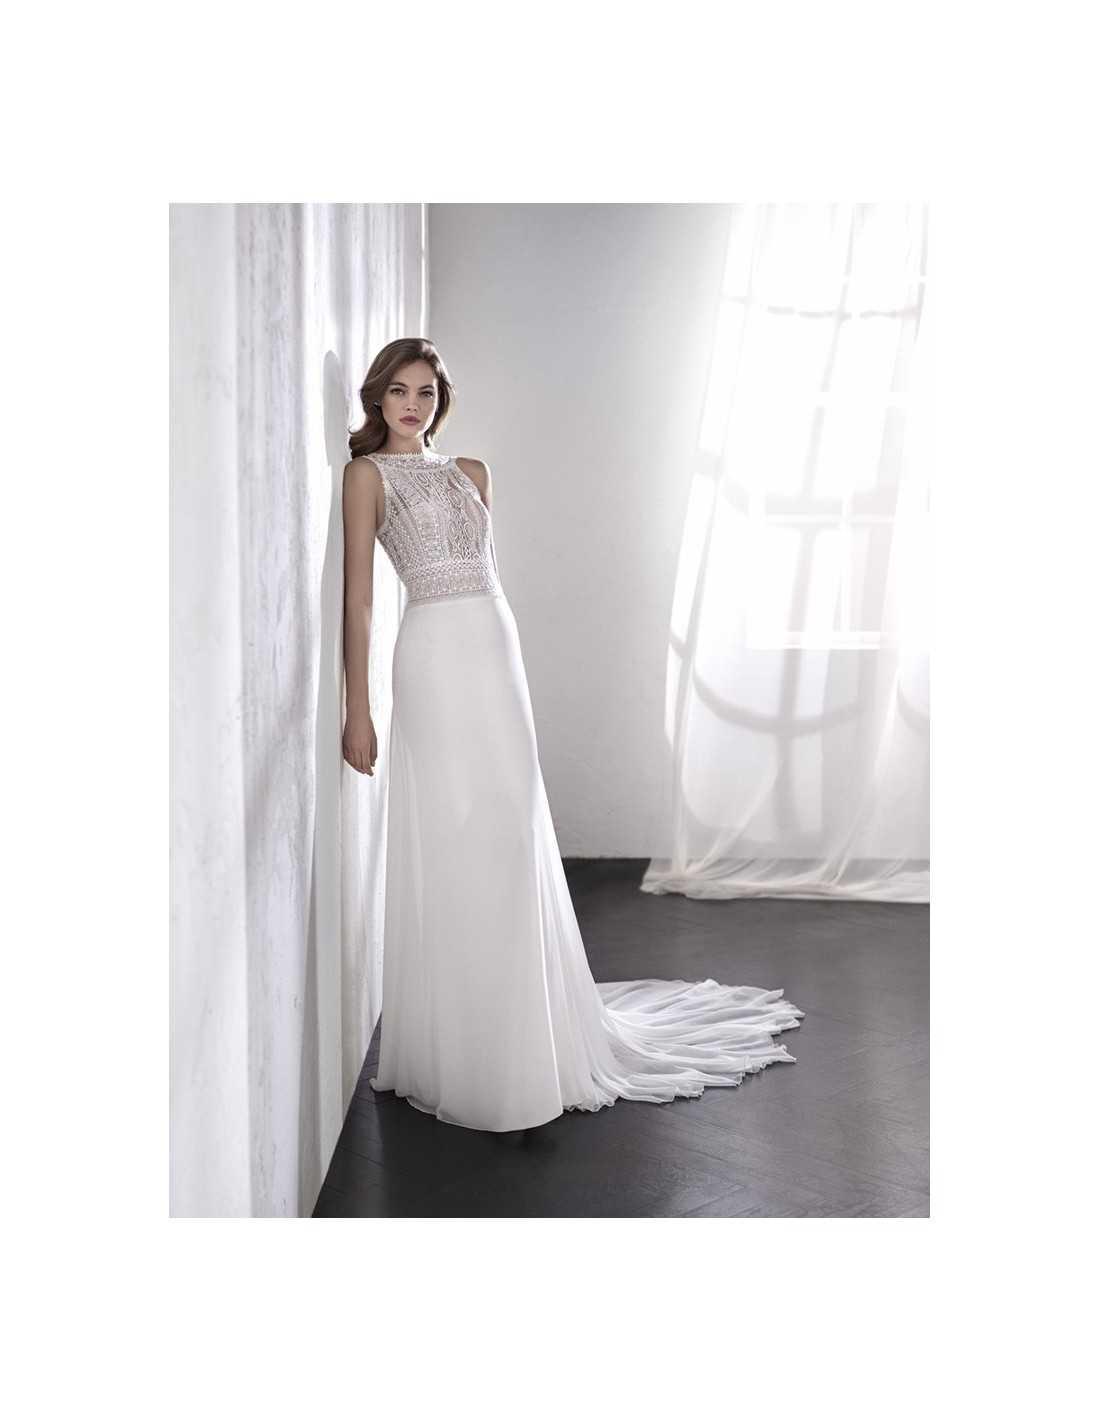 sedka novias - vestido de novia san patrick al mejor precio. - sedka